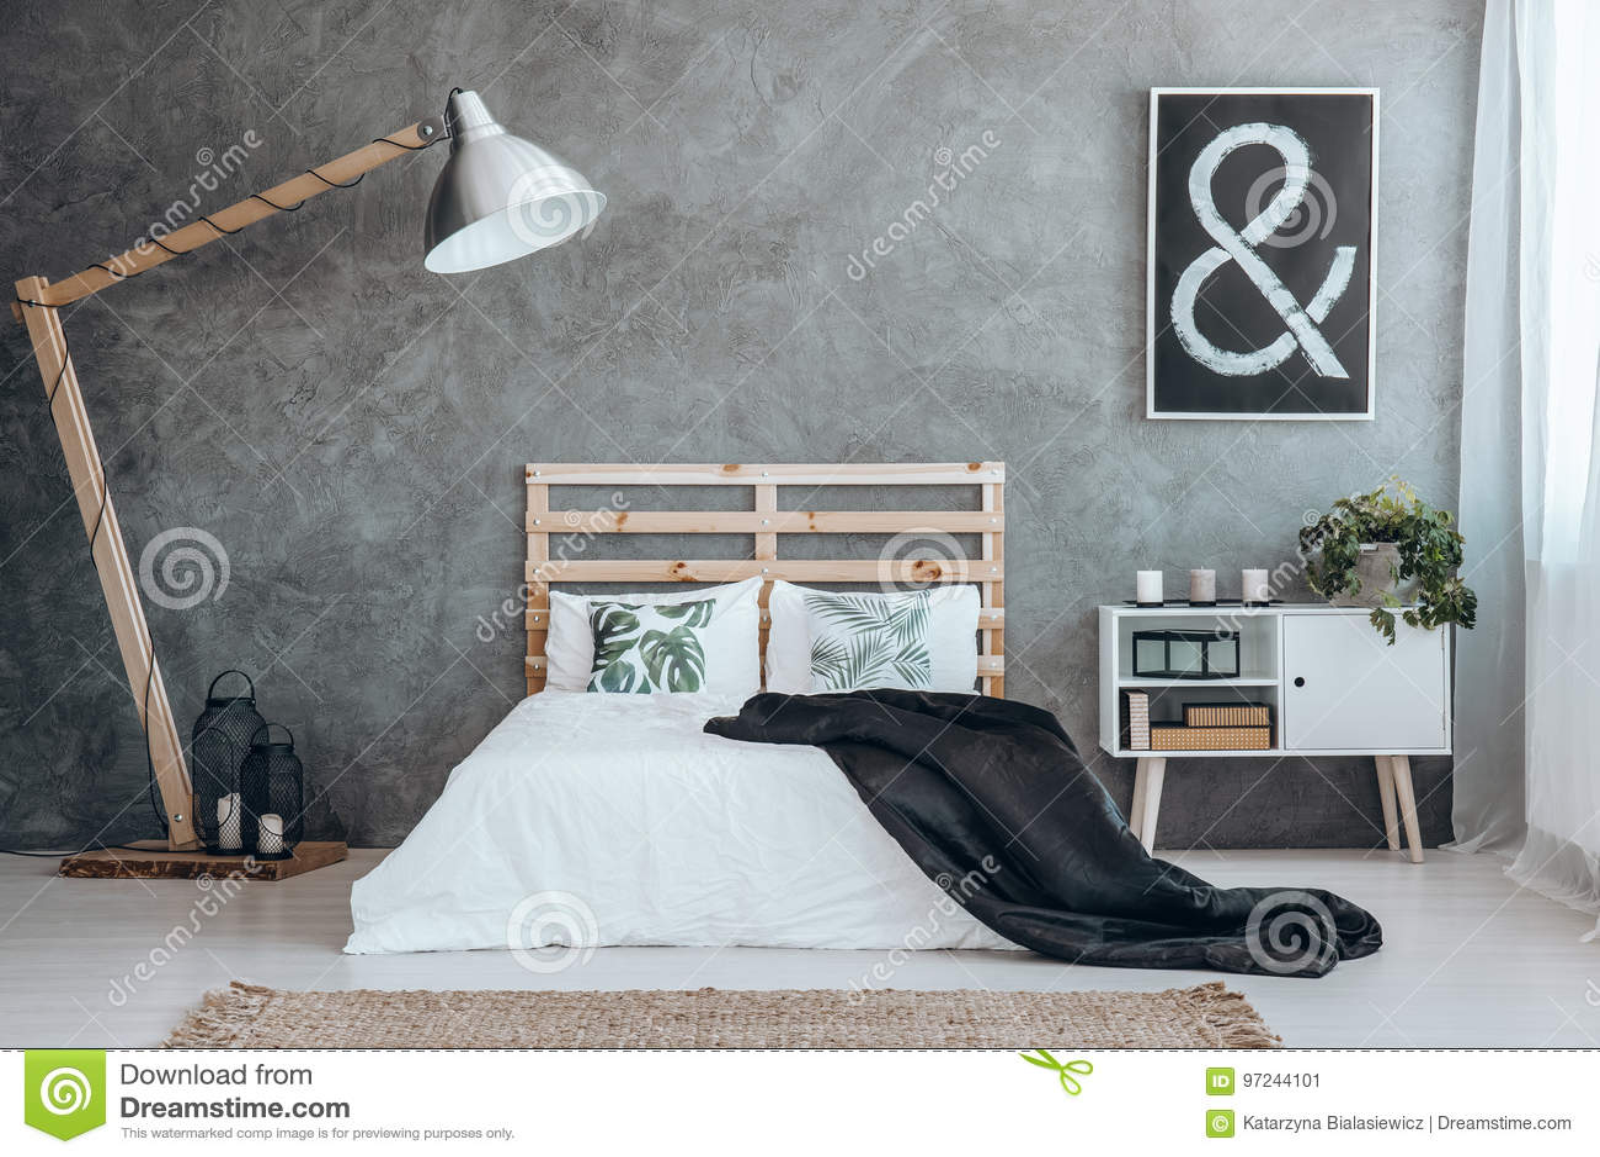 Camera Da Letto Bianco E Nero : Camera da letto in bianco e nero semplice immagine stock immagine